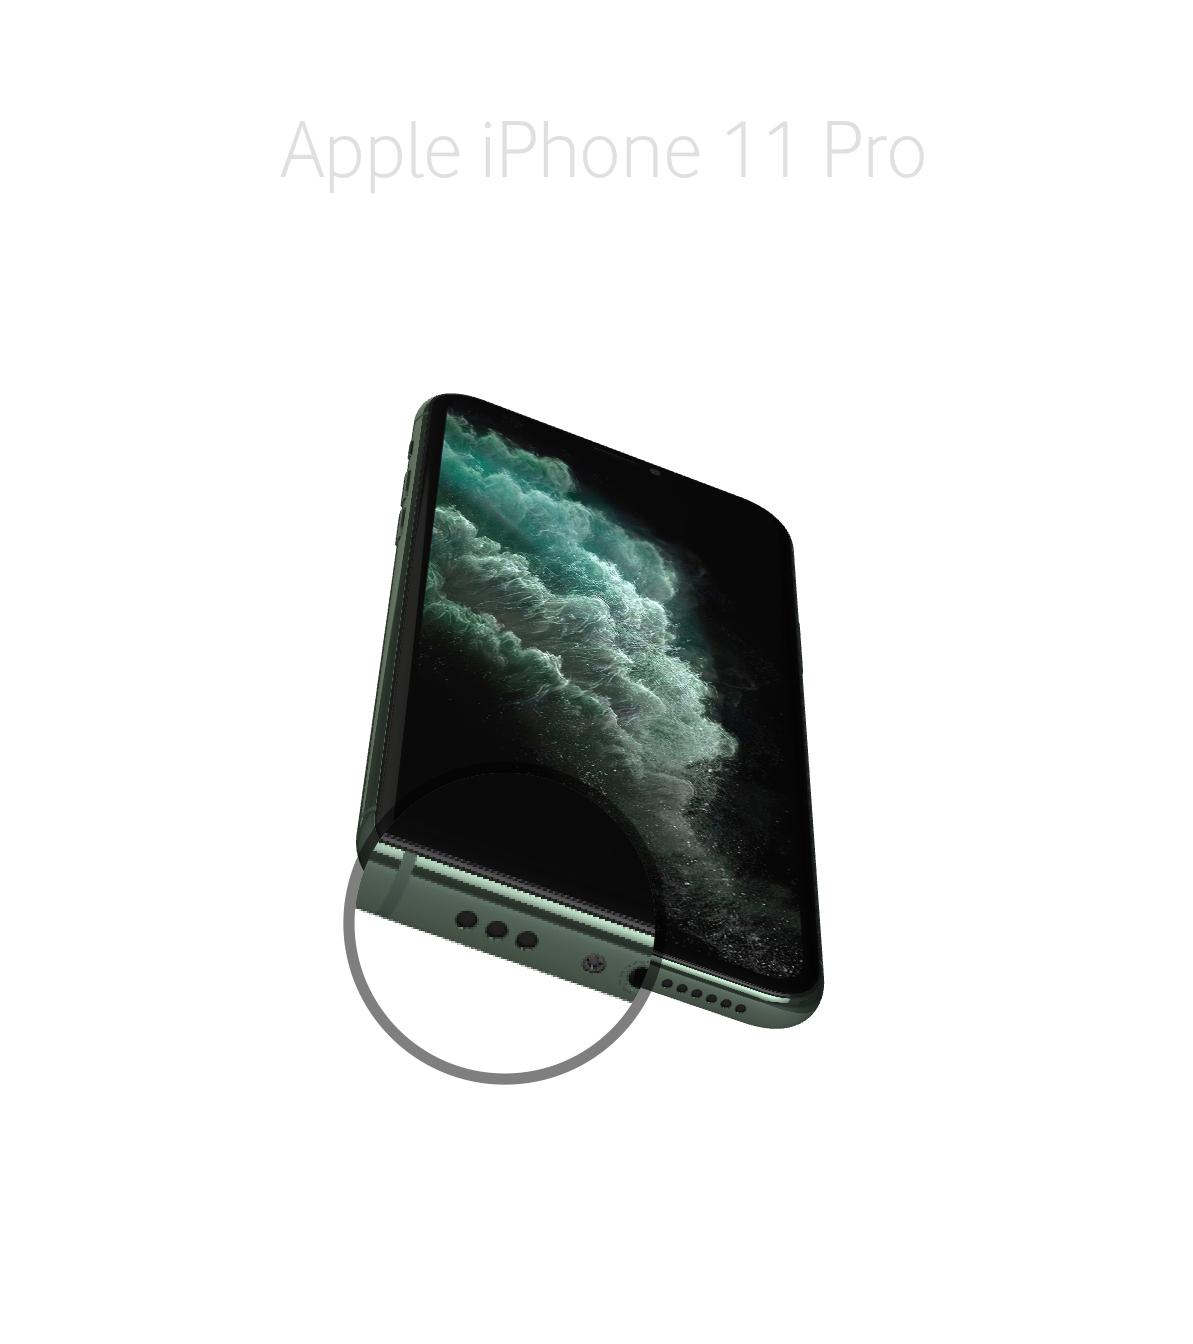 Laga mikrofon iPhone 11 Pro